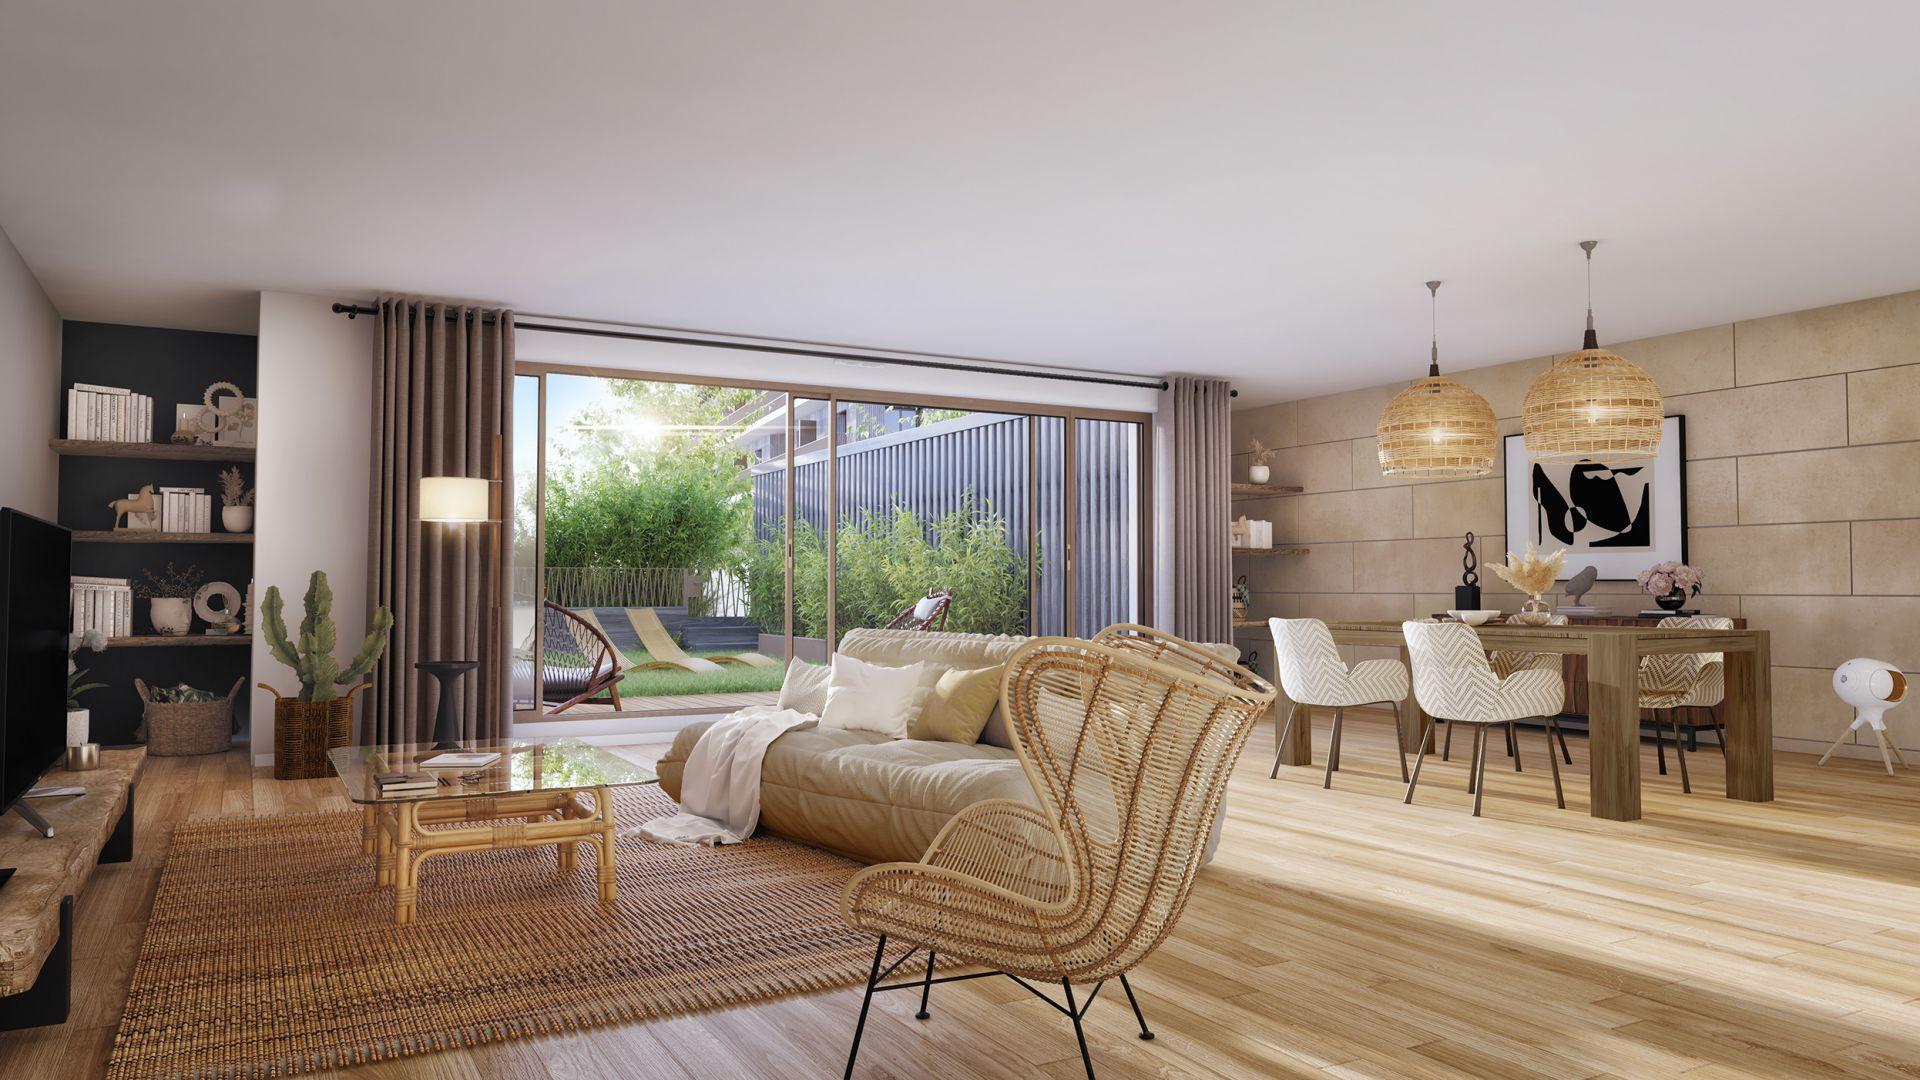 Greencity Immobilier - Résidence Carré Flore - 31700 Cornebarrieu - achat immobilier neuf - appartements et villas  du T2 au T5 - intérieur villa